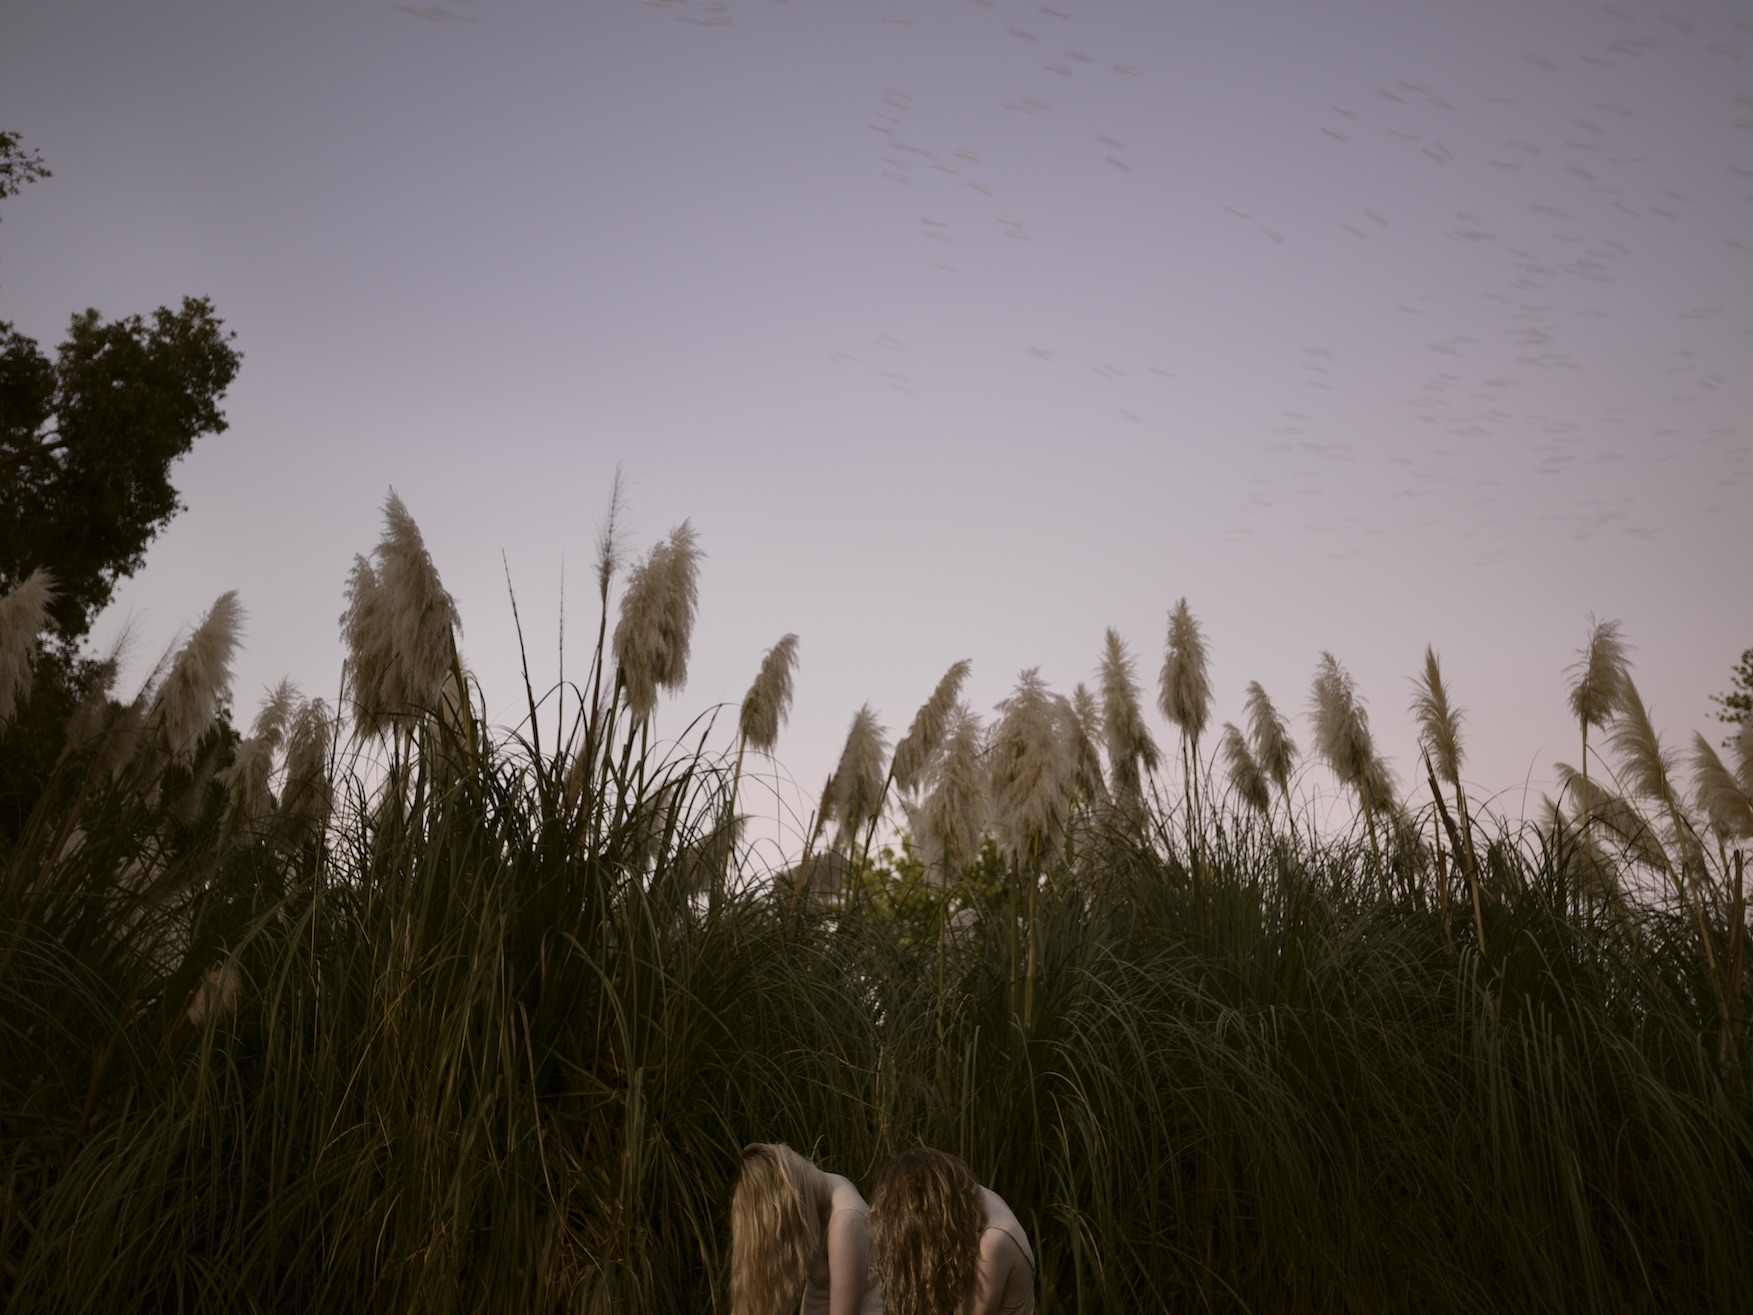 Pampas grass (Cortaderia  selloana) in A